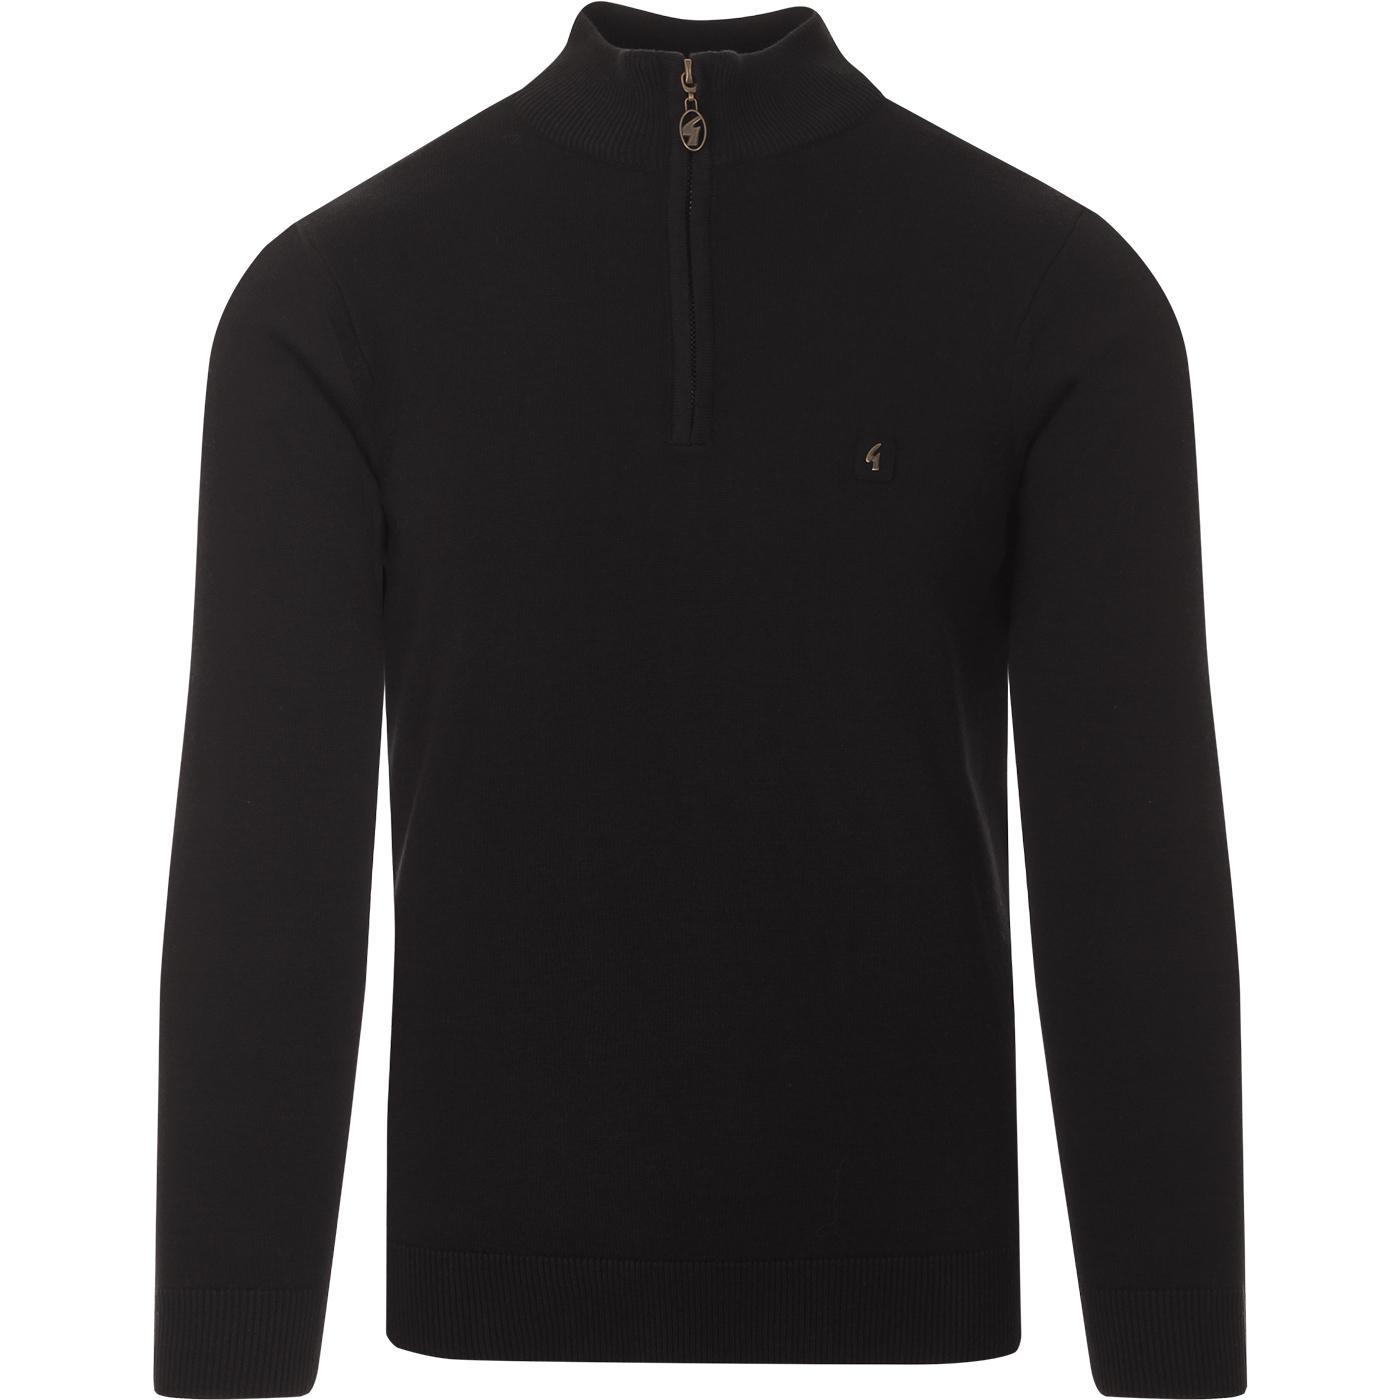 Naxton GABICCI VINTAGE Knitted Half Zip Top -Black